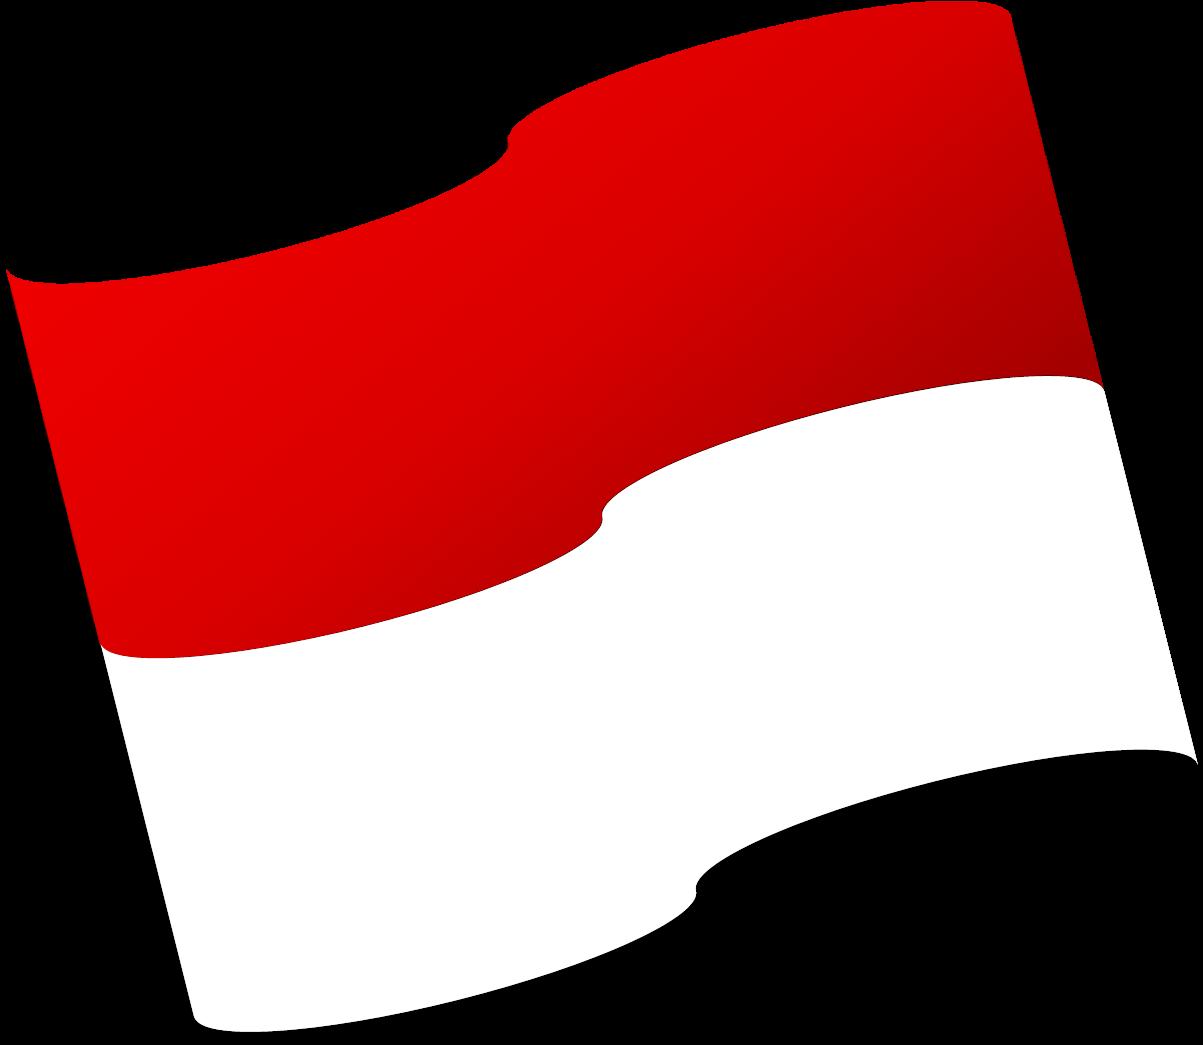 HD Animasi Bendera Indonesia Berkibar Terlengkap Dan.